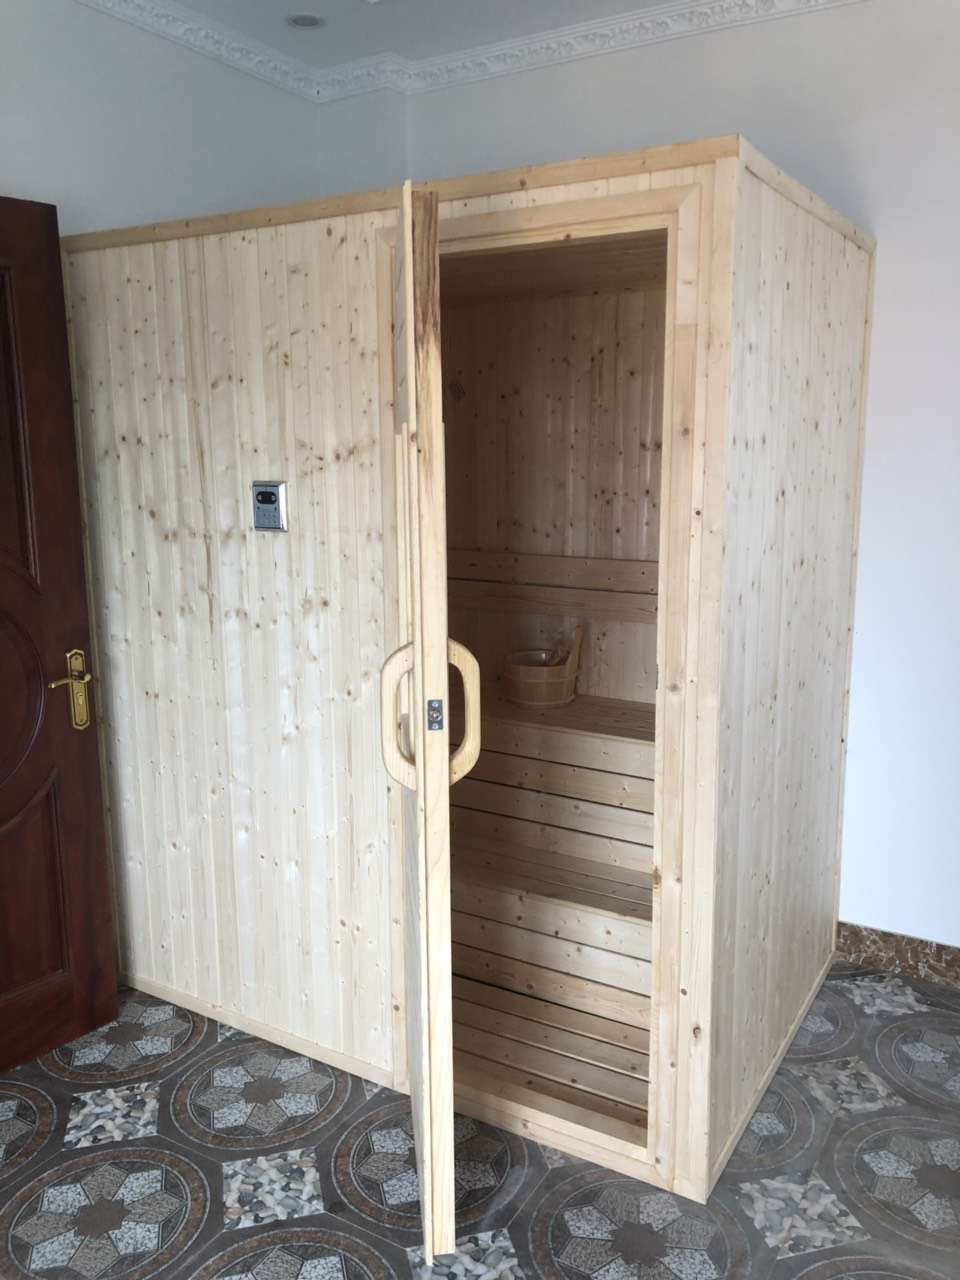 Omega hoàn thiện, bàn giao công trình phòng xông hơi khô cho anh Thắng ở Từ Sơn, Bắc Ninh